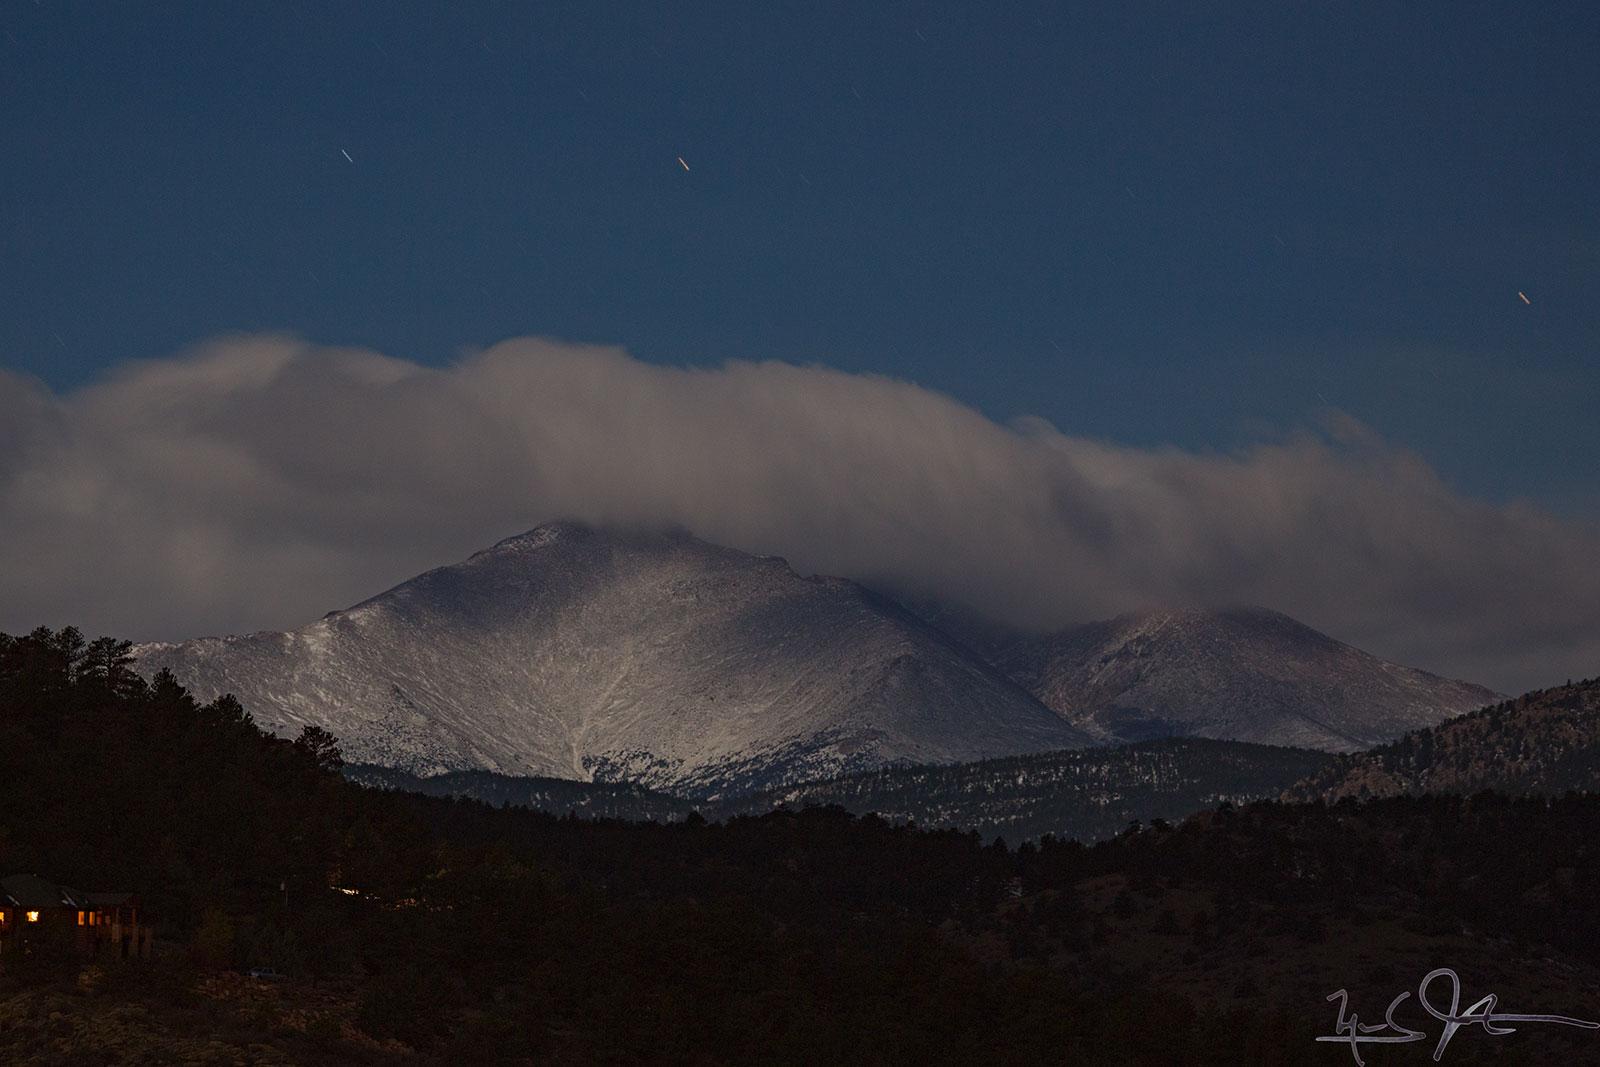 Cloud bank behind Mount Meeker.